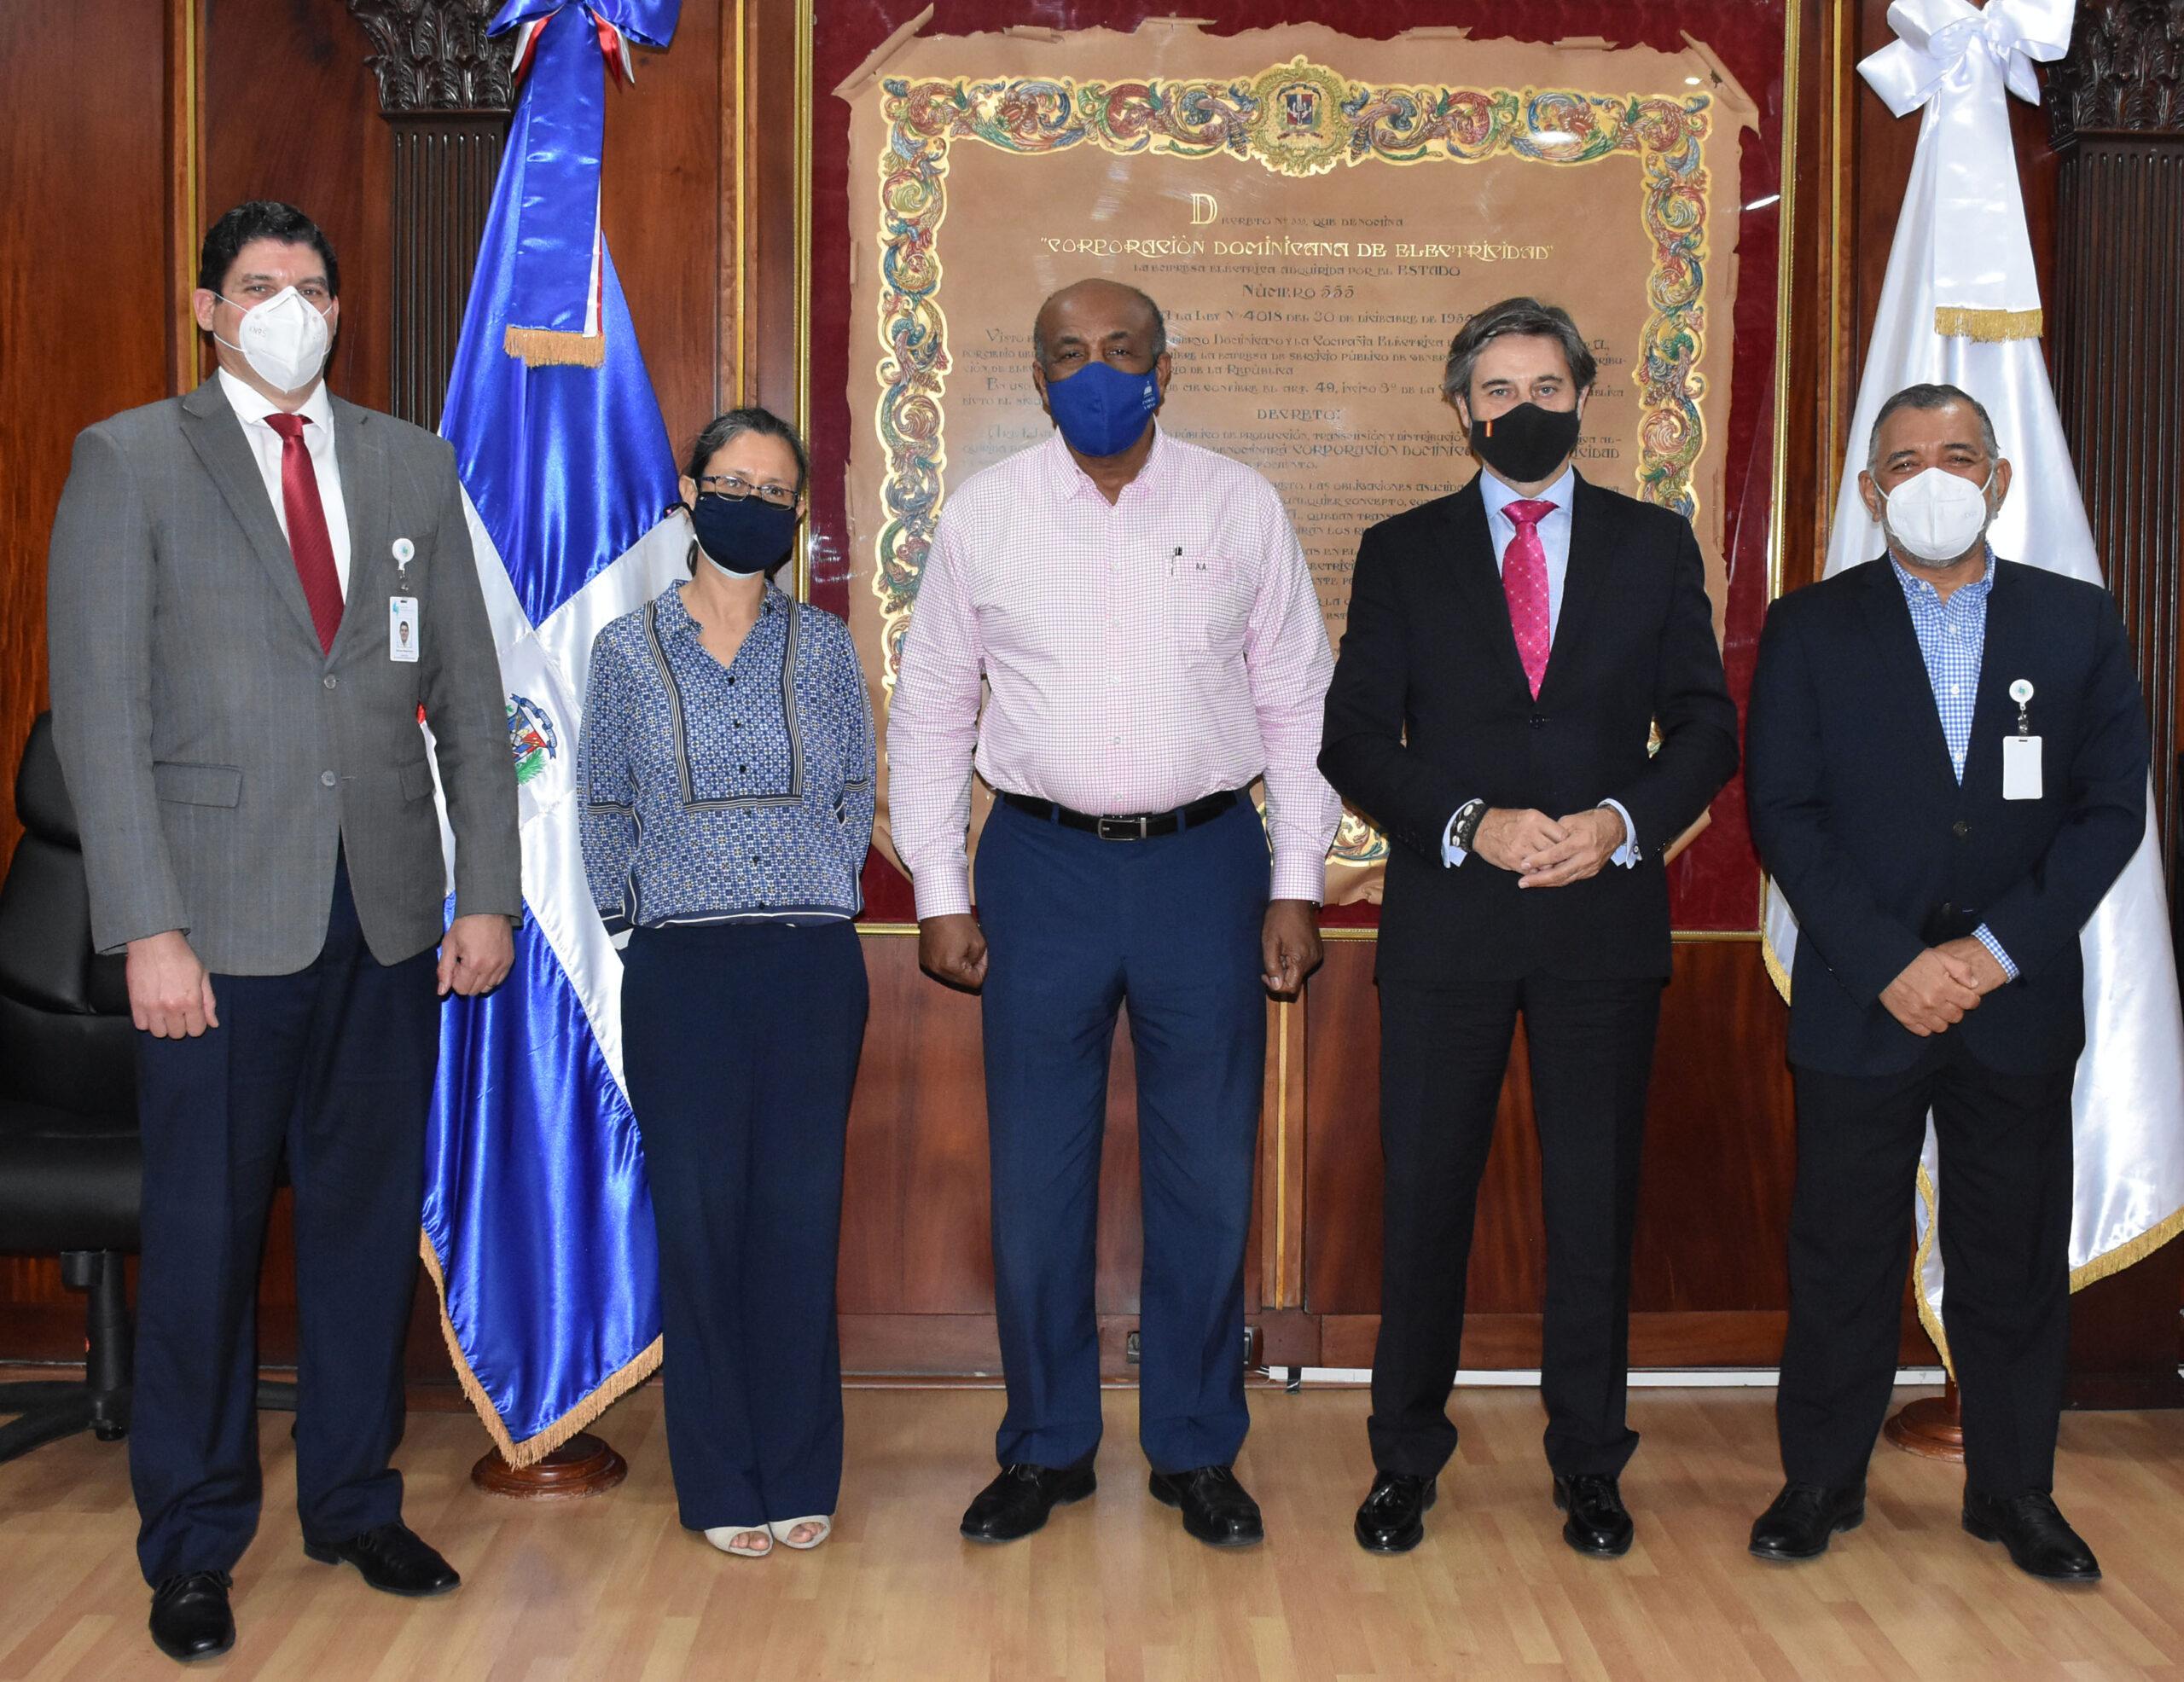 Ejecutivos de Palamara-La Vega visitan Ministerio de Energía